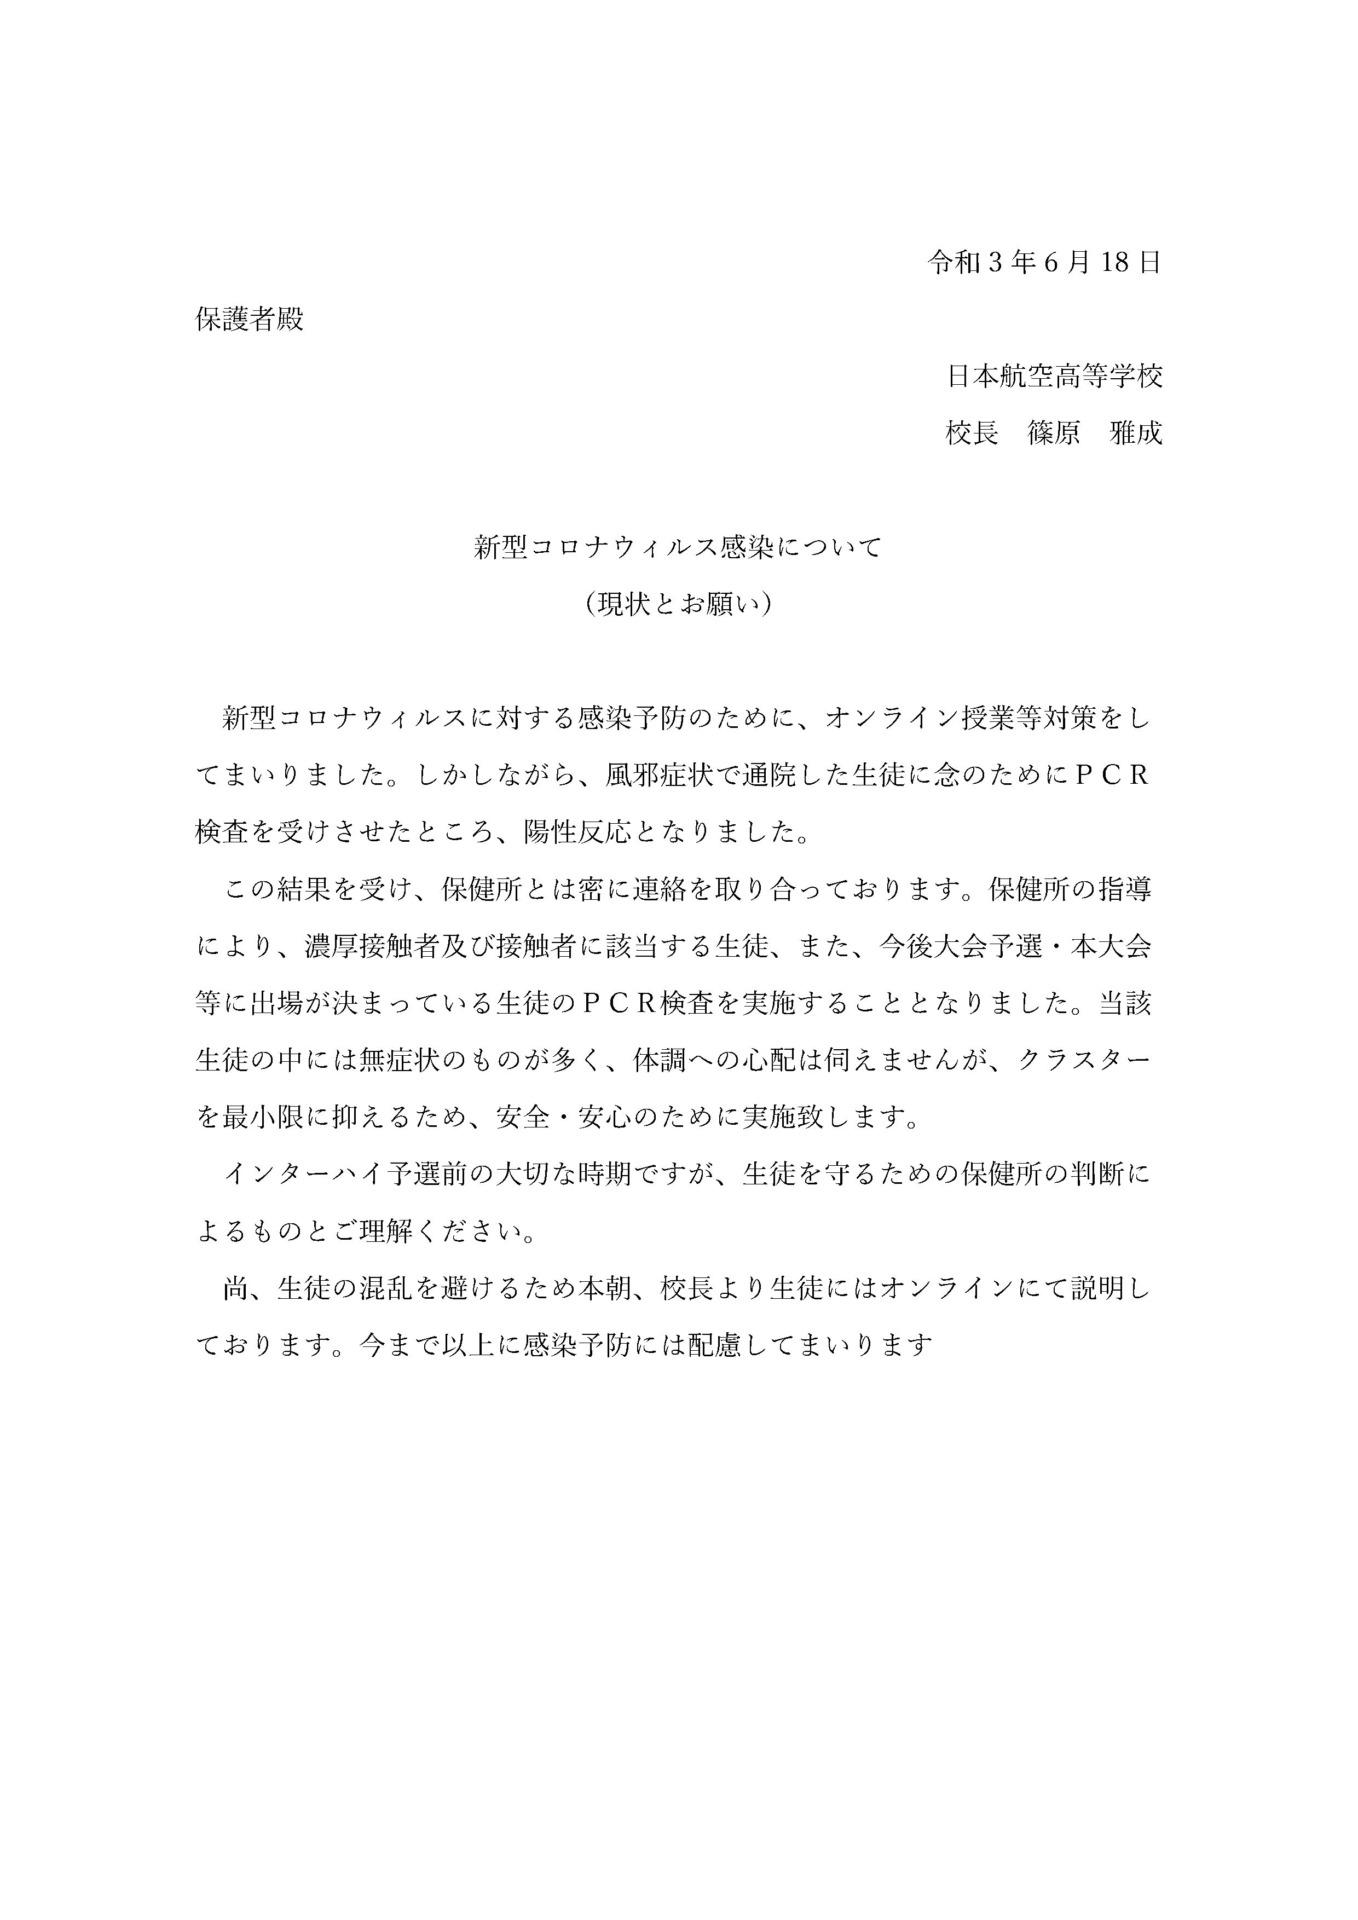 """<span class=""""title"""">【重要なお知らせ】新型コロナウイルス感染について 山梨キャンパス</span>"""